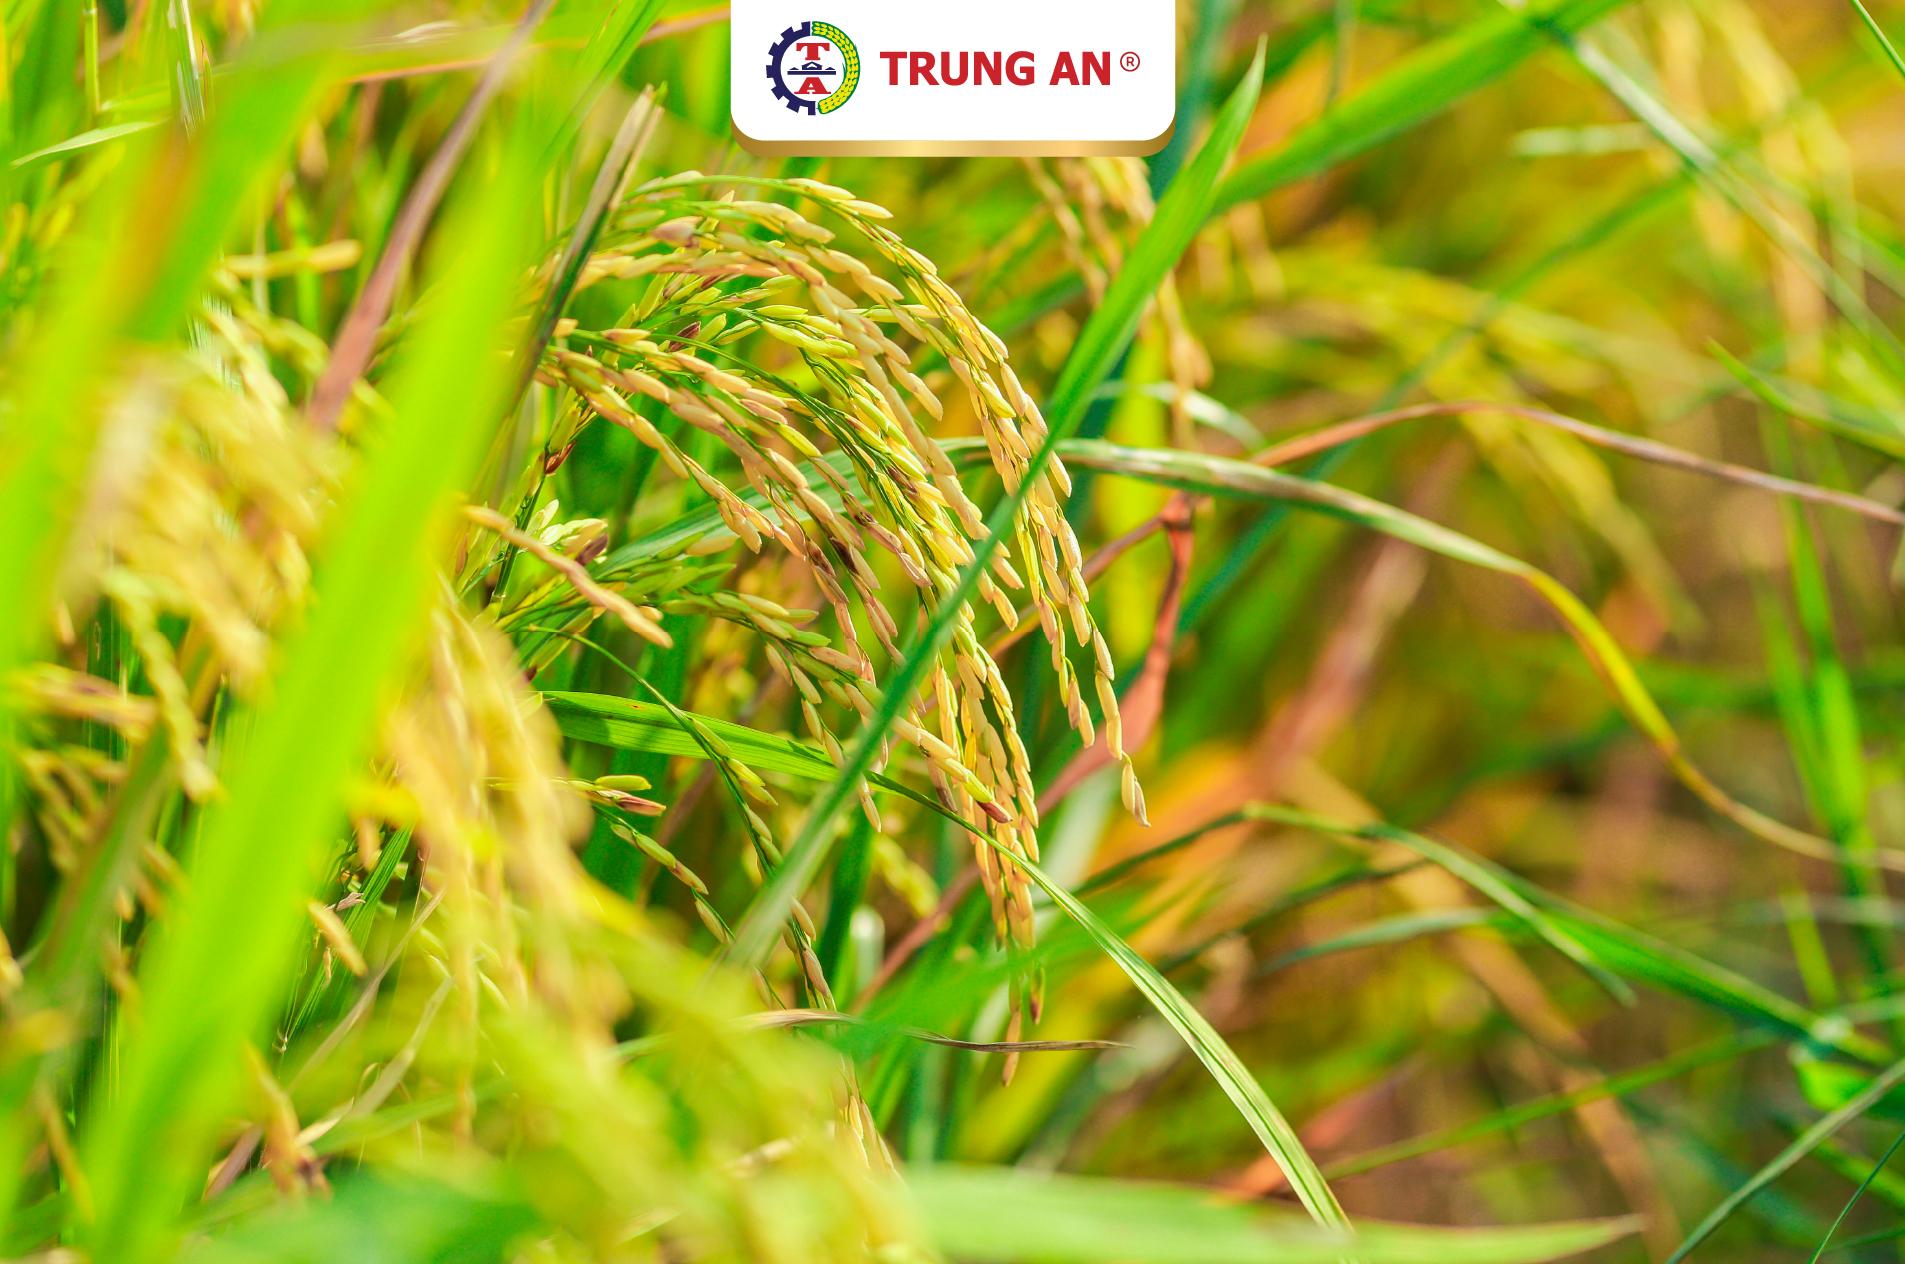 lúa gạo